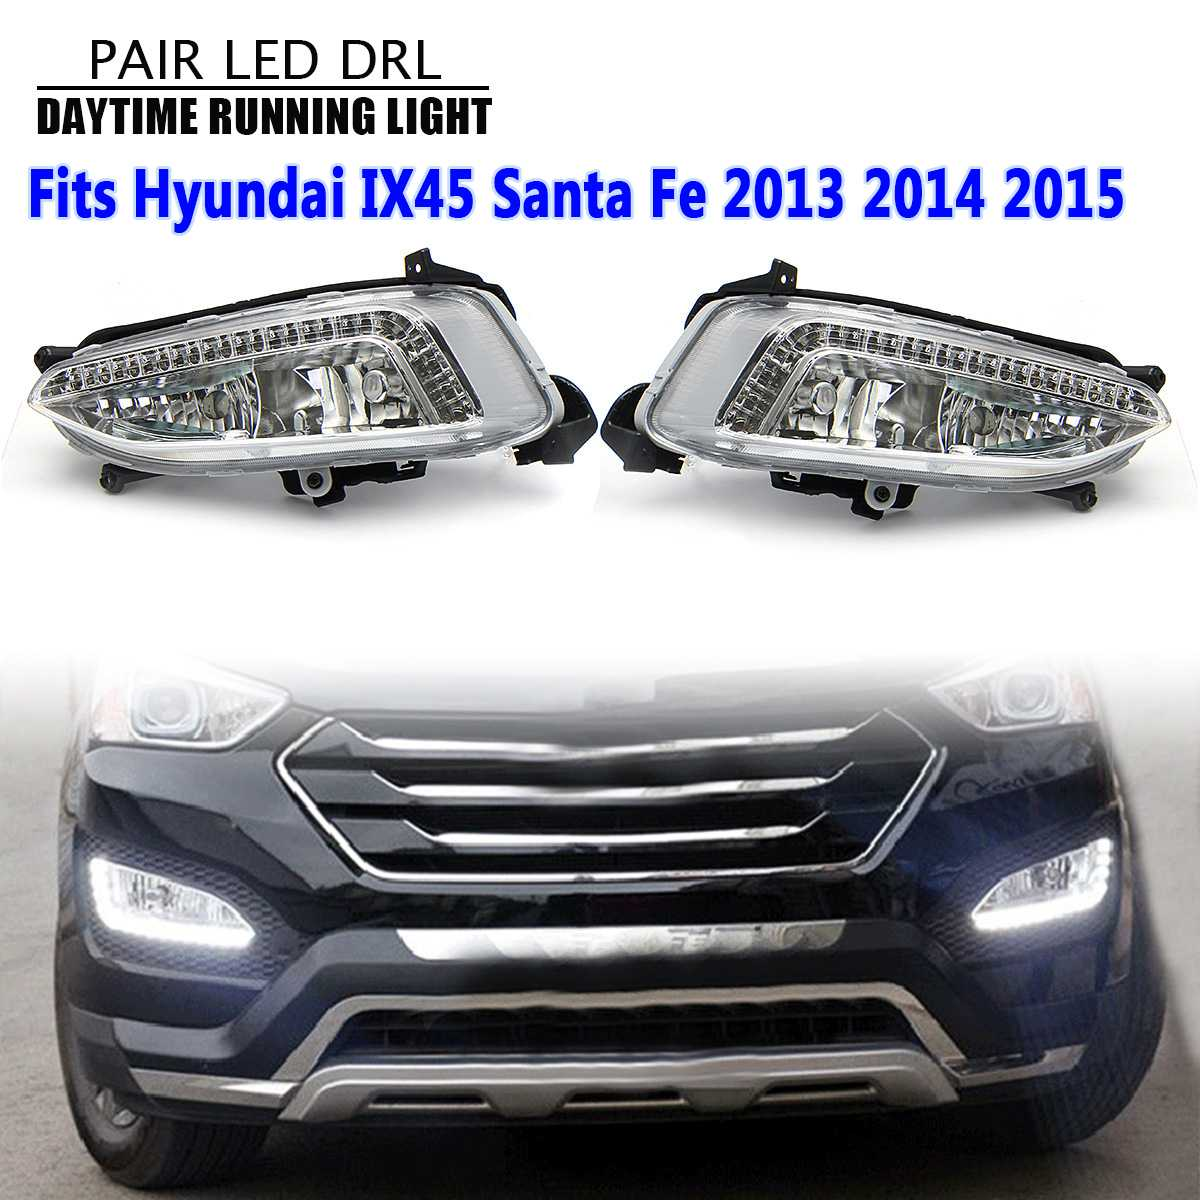 Voiture antibrouillard assemblage LED DRL feux de jour étanche 12 V pour Hyundai Santa Fe IX45 2013 2014 2015 accessoires